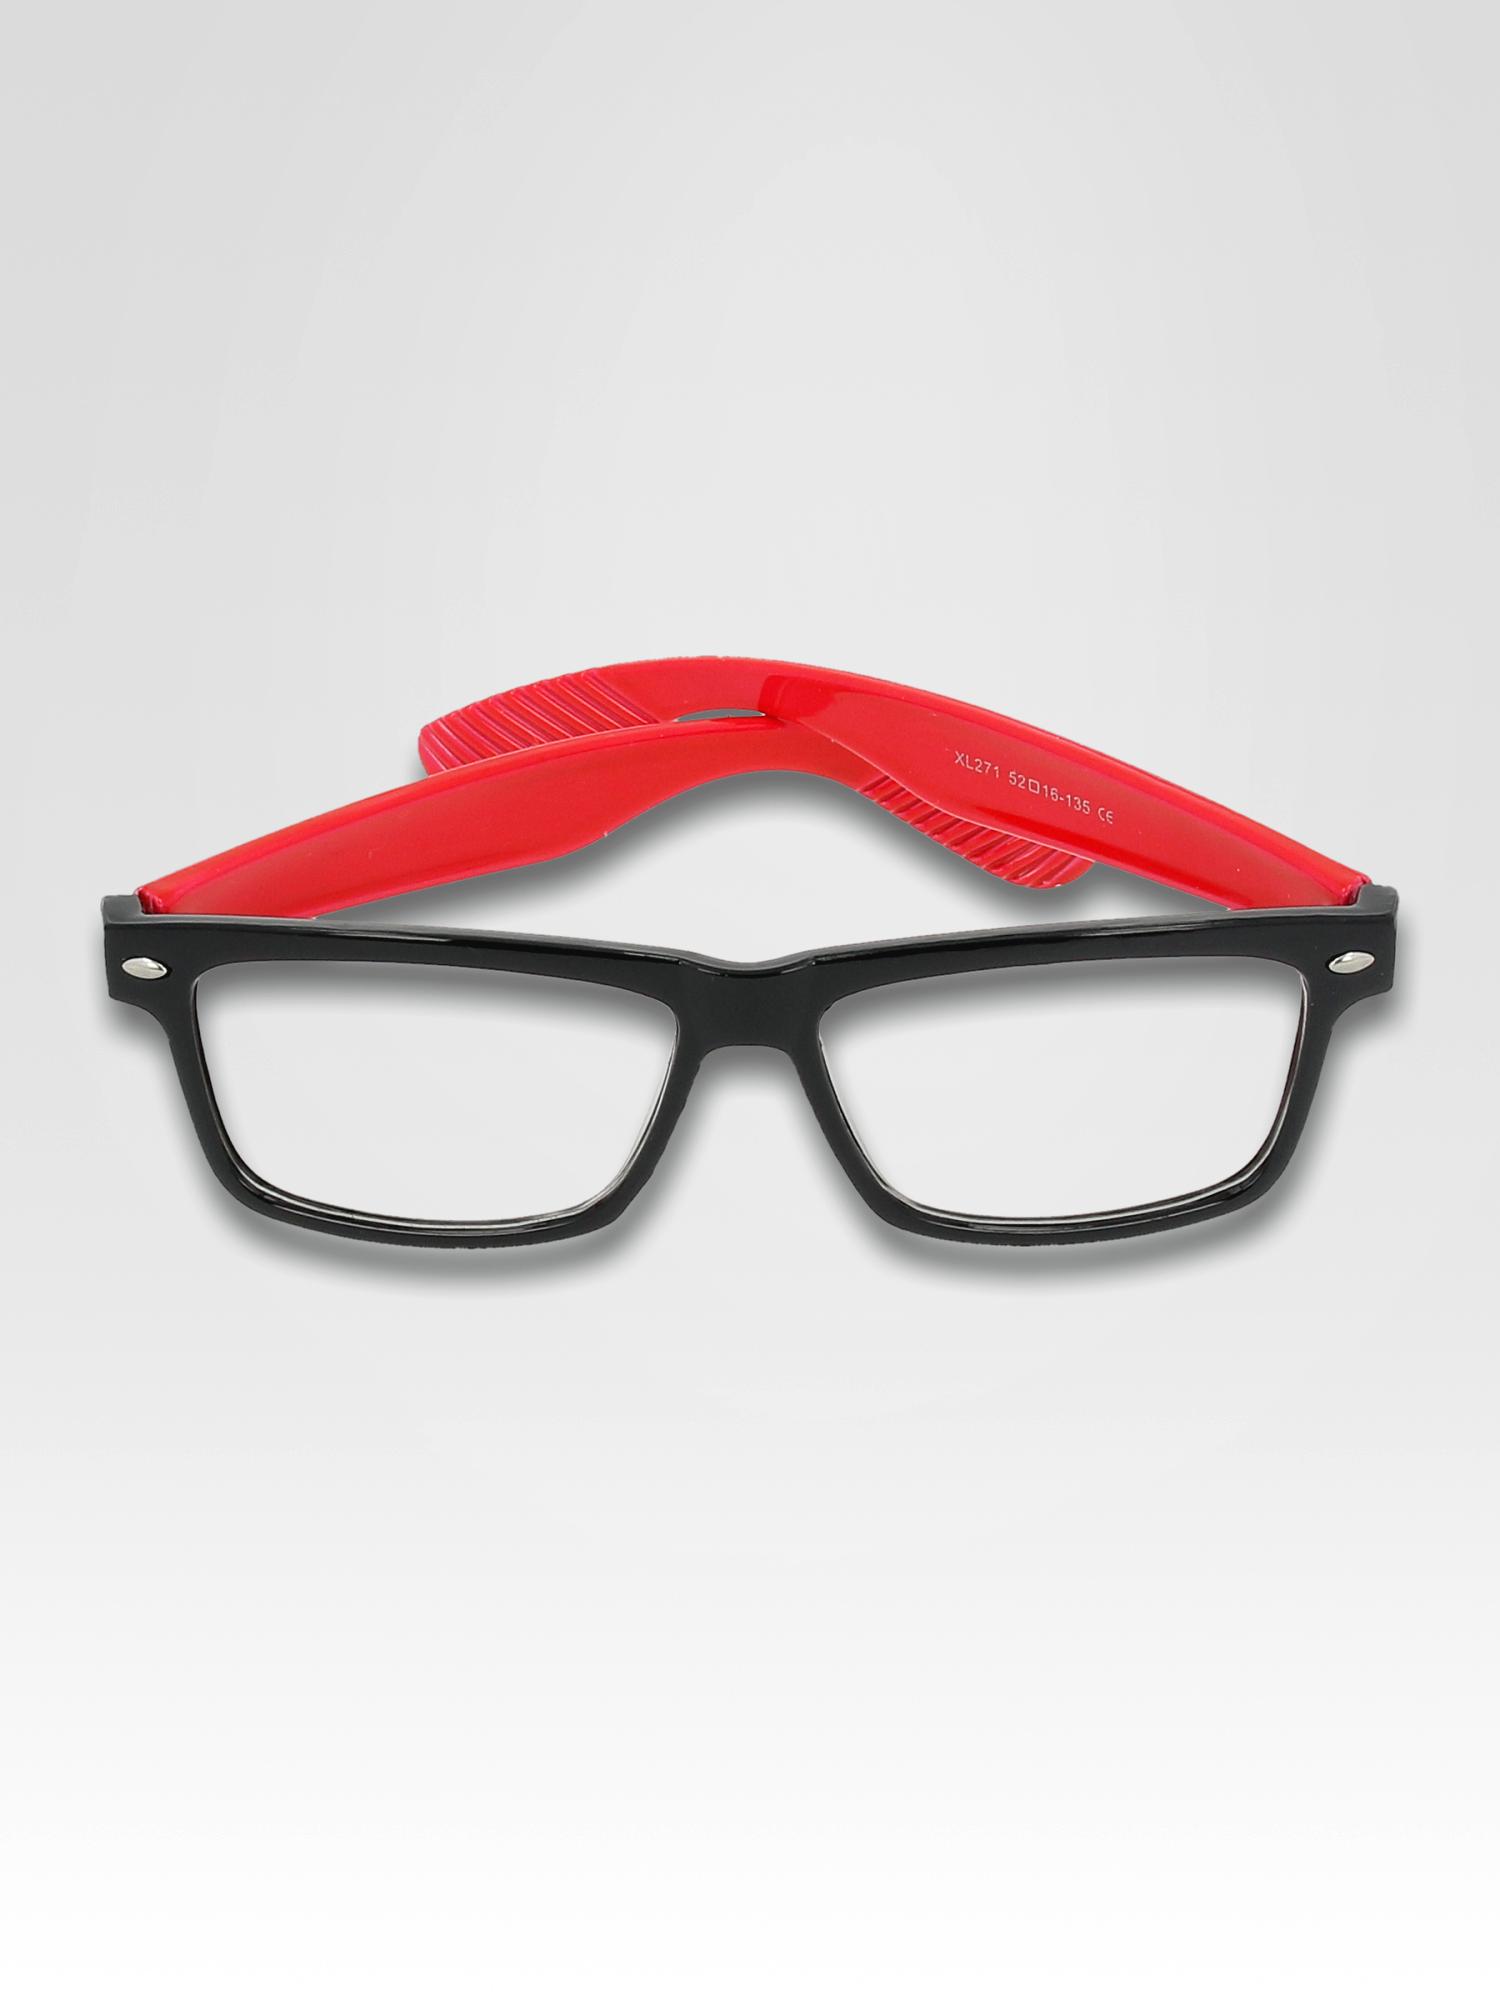 Czerwono-czarne okulary zerówki kujonki typu WAYFARER NERDY                                  zdj.                                  3